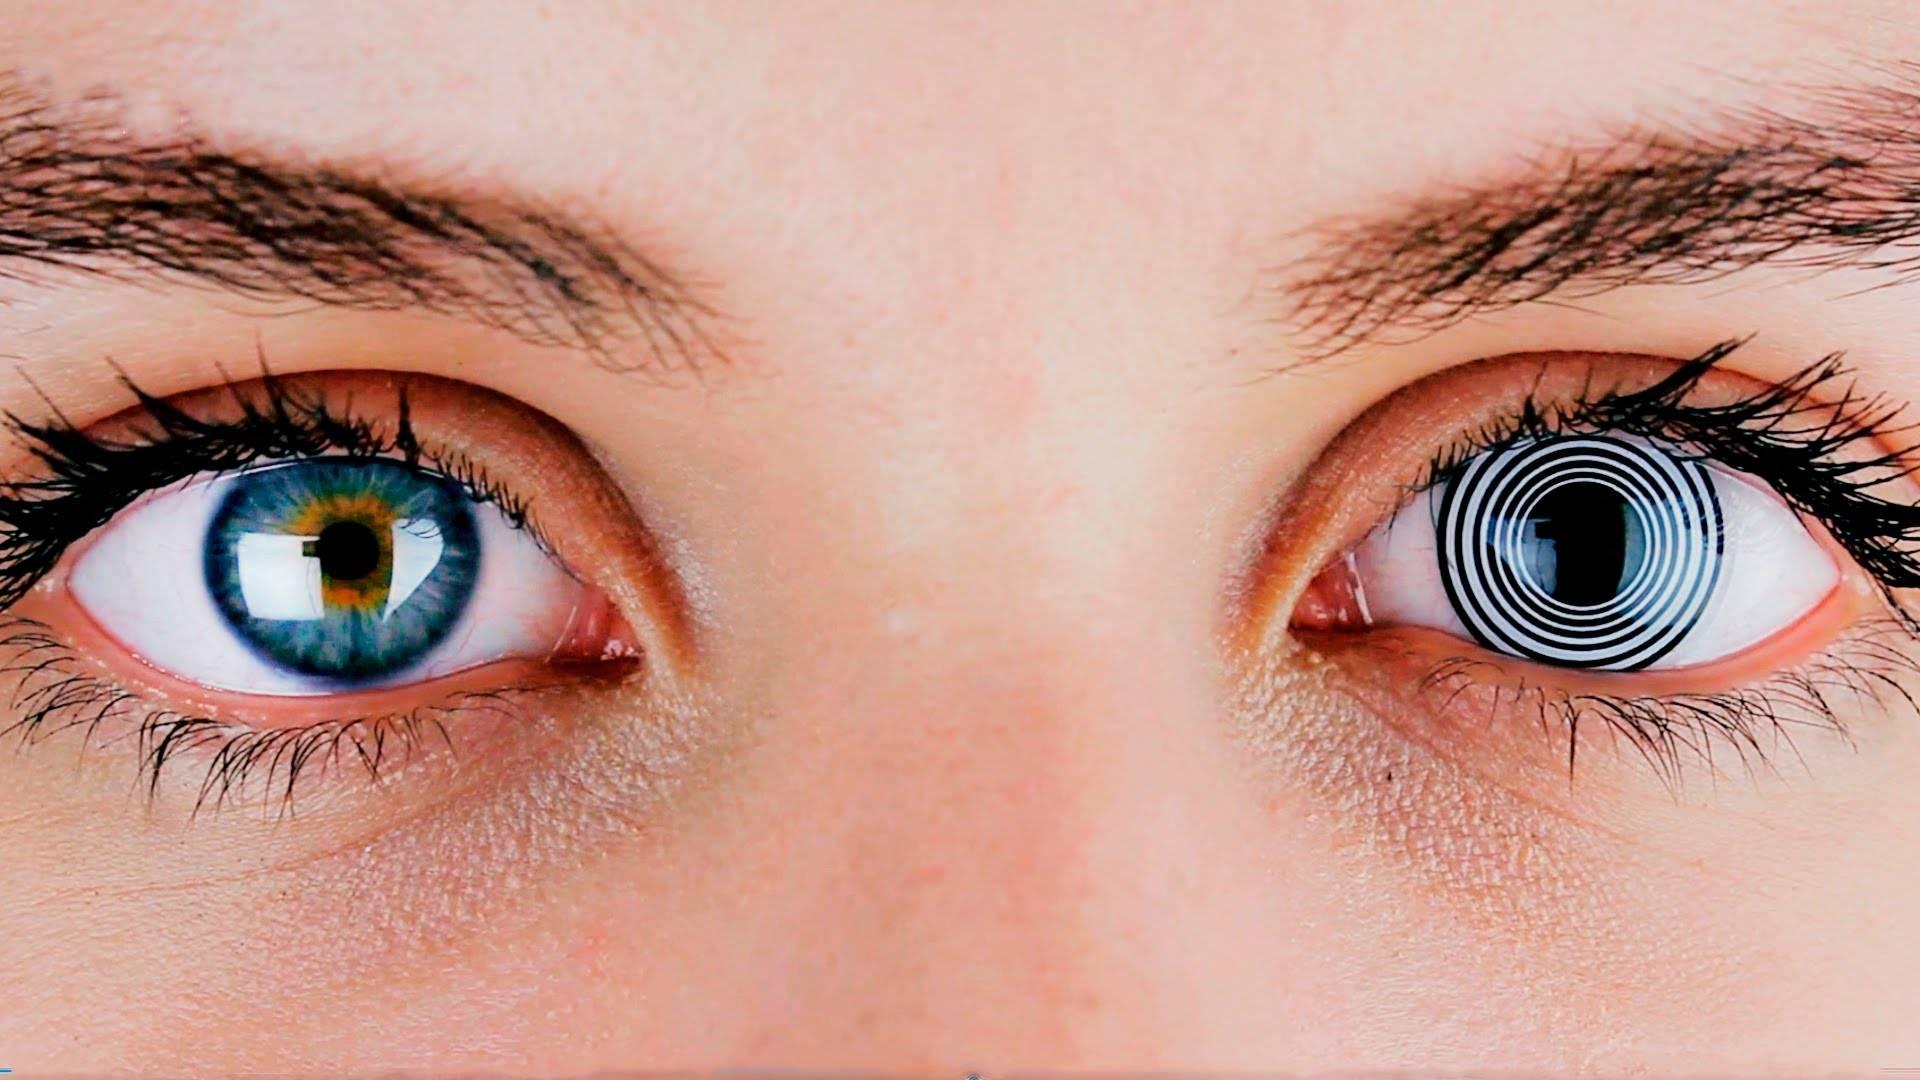 """Вредны ли контактные линзы для глаз? - """"здоровое око"""""""